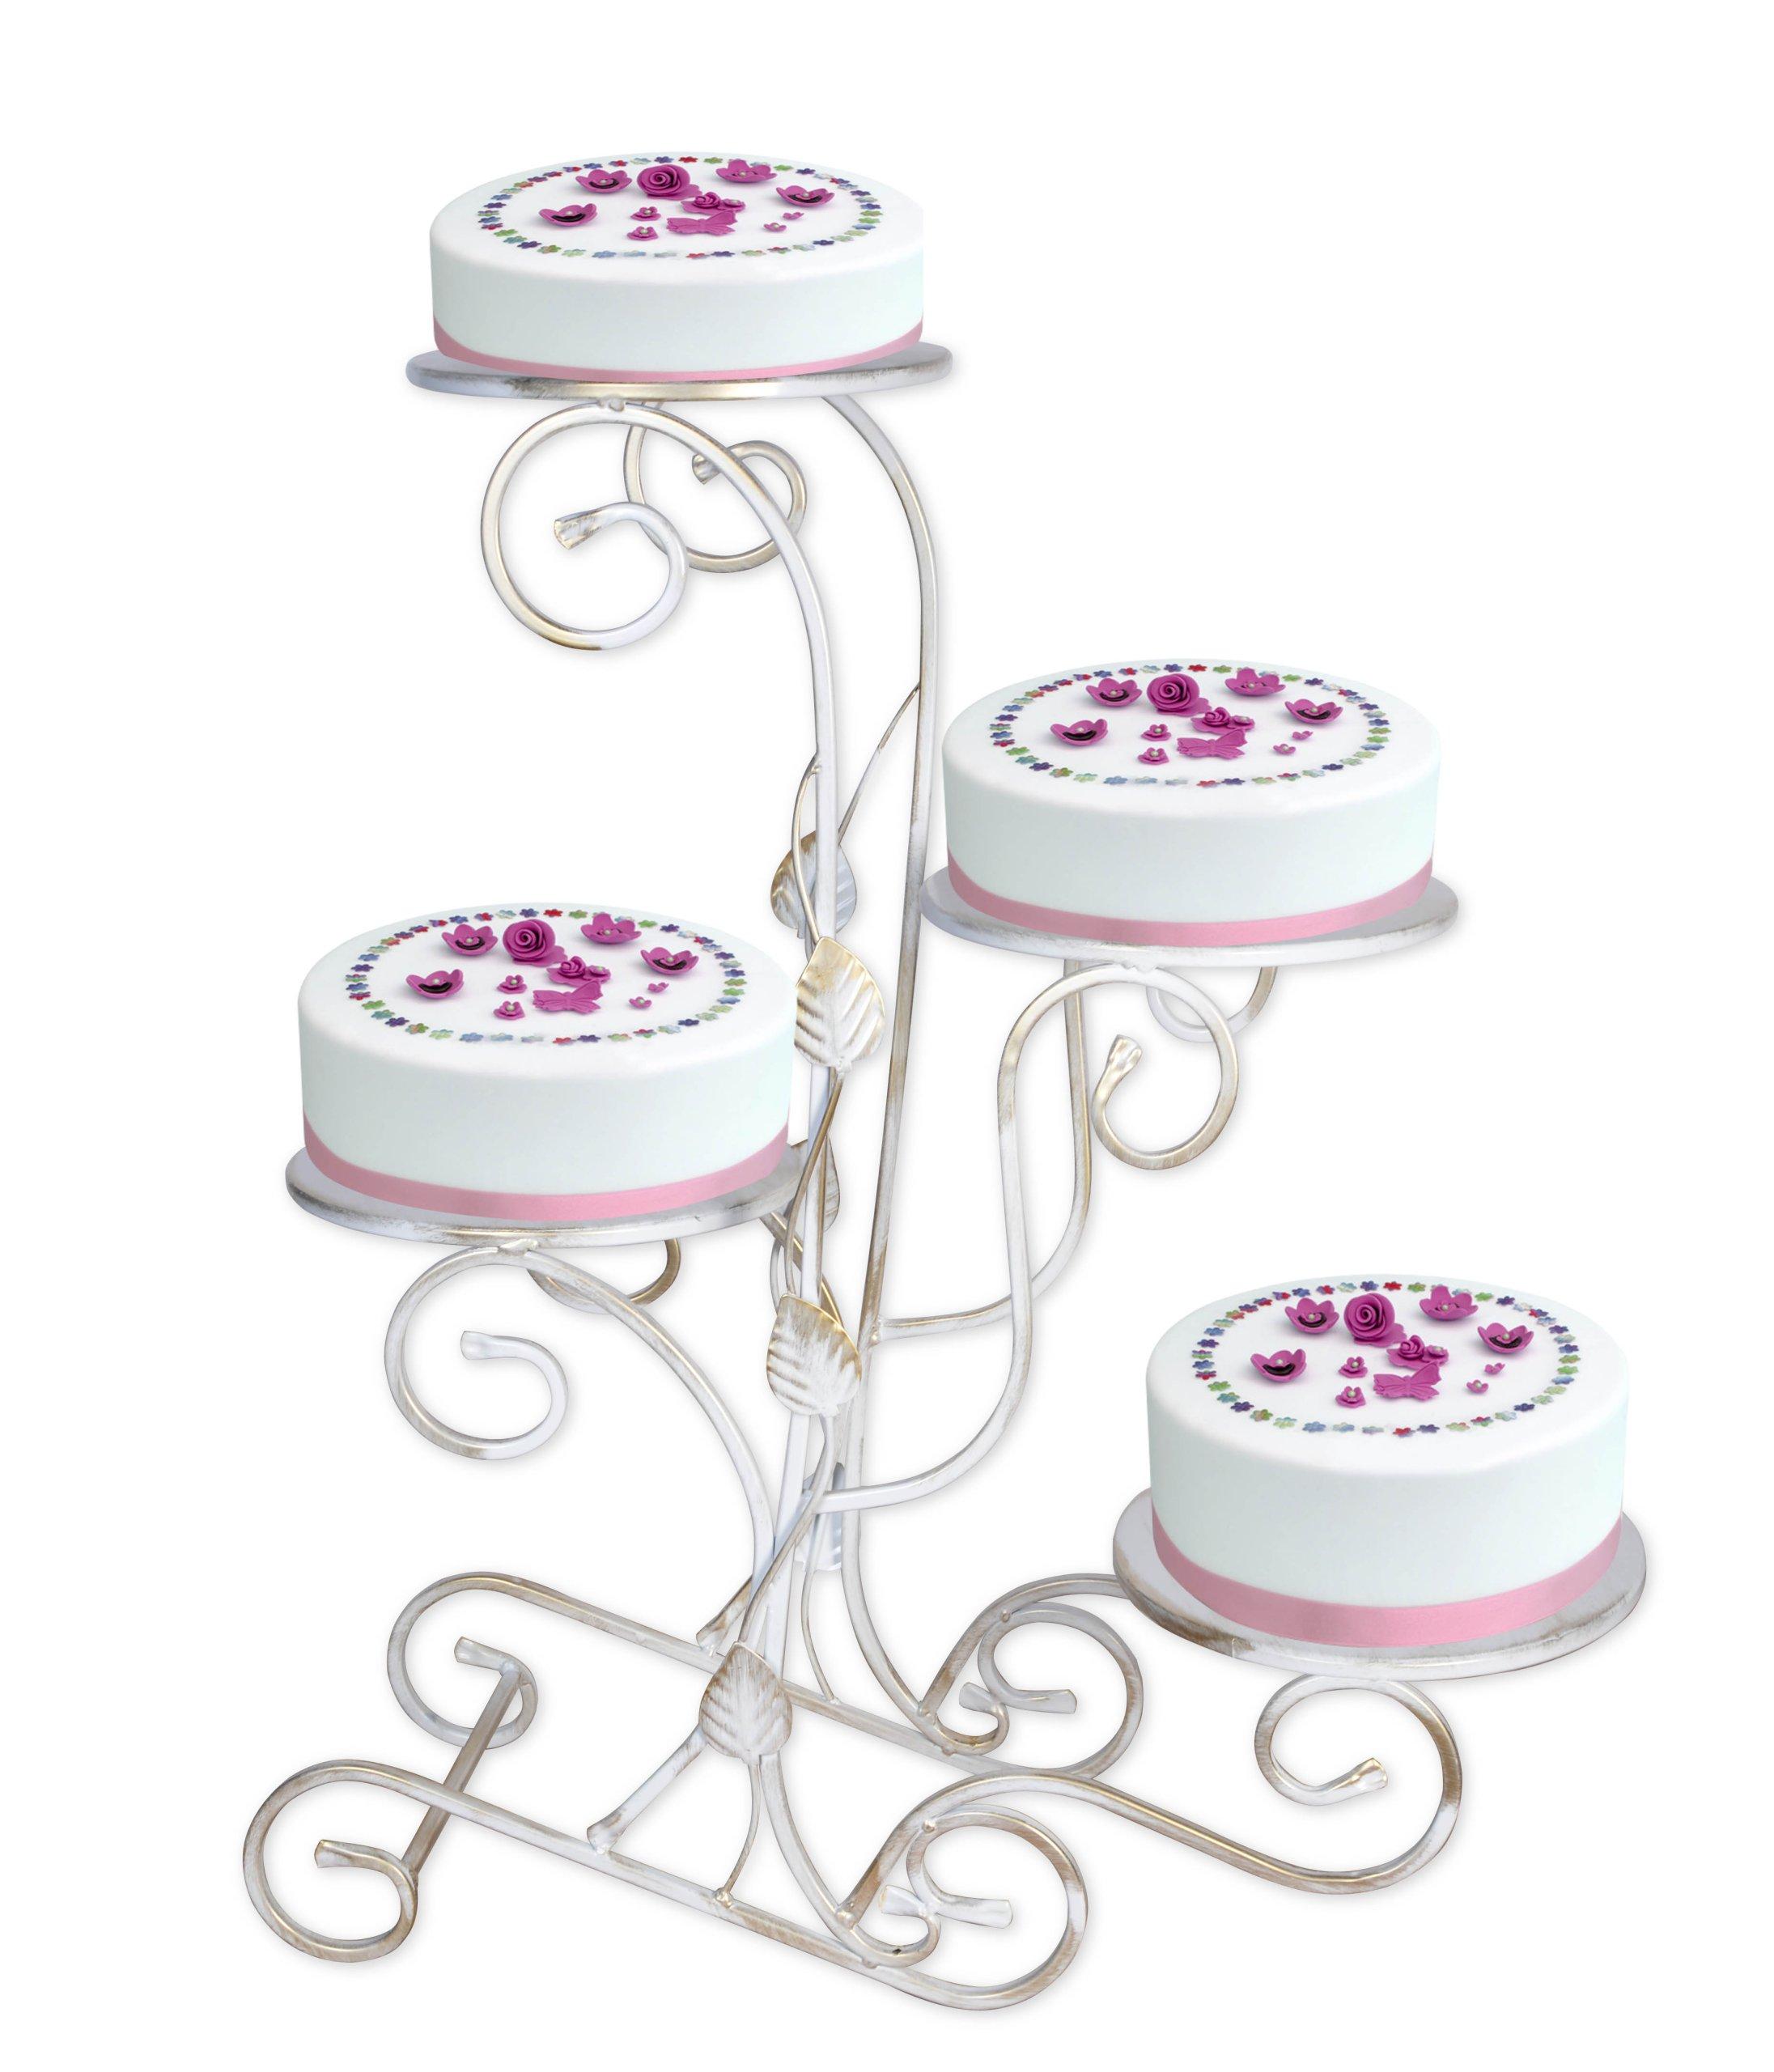 Nábytok Stojan pre Cake Gastronómia Svadobné svadobné párty !!!!